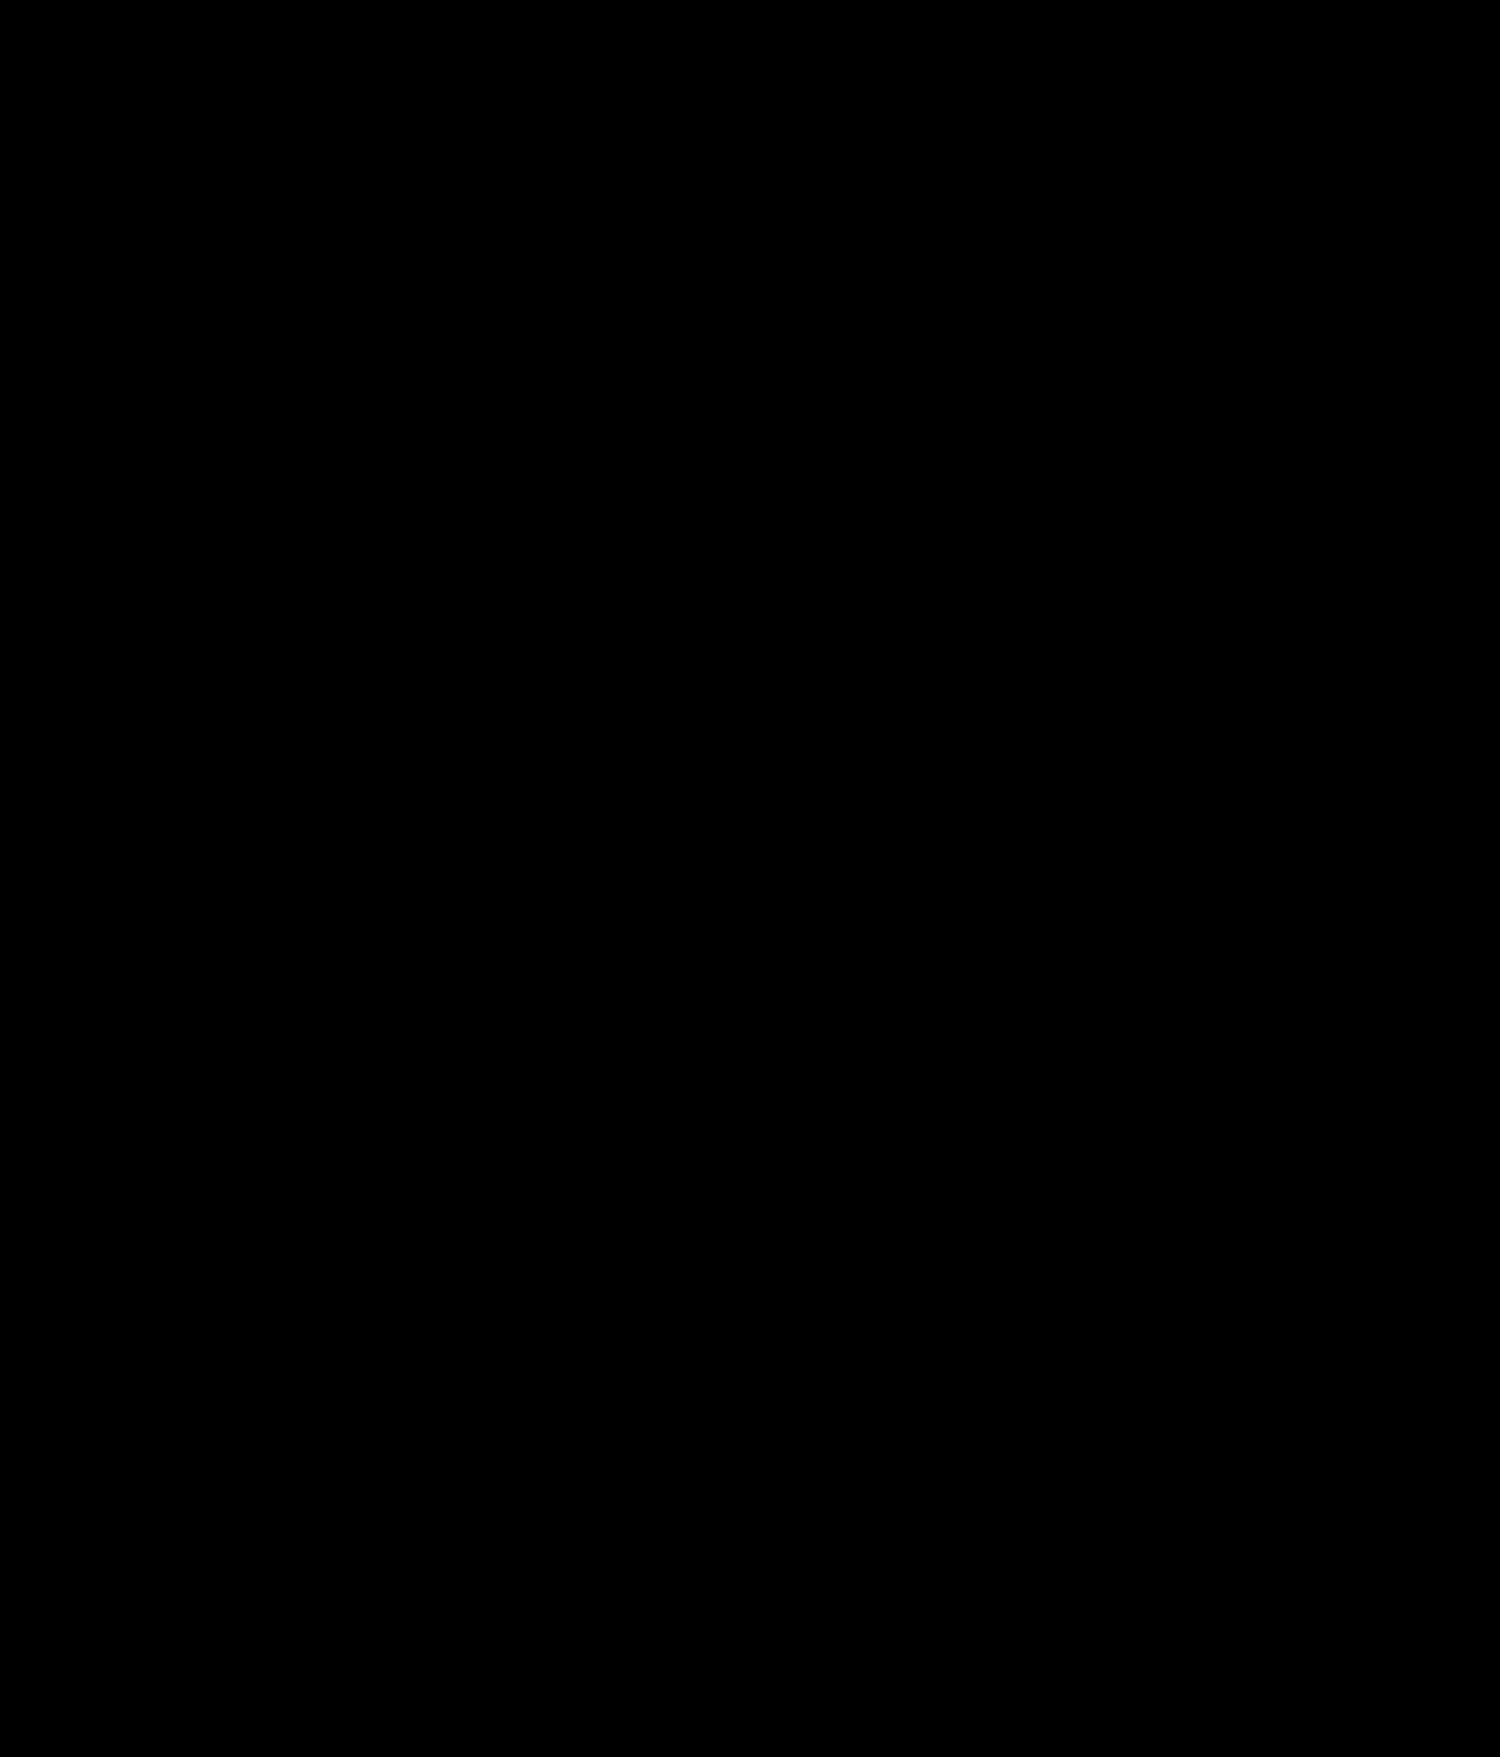 SAL.png